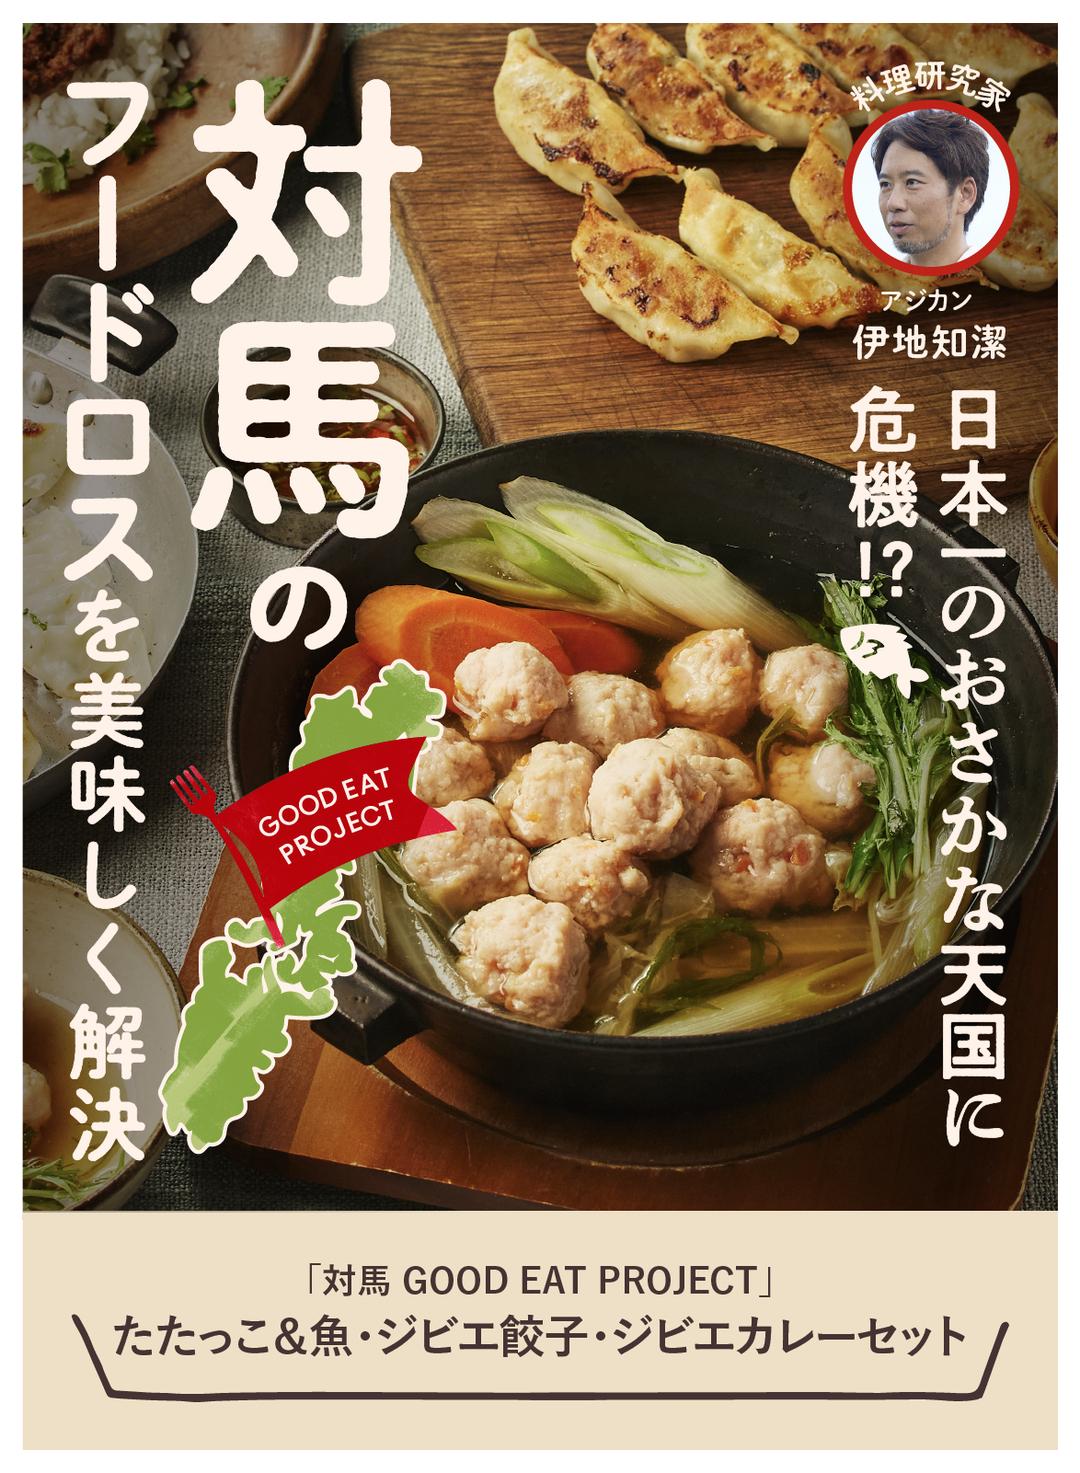 日本一のお魚天国に危機!? 対馬のフードロスを美味しく解決